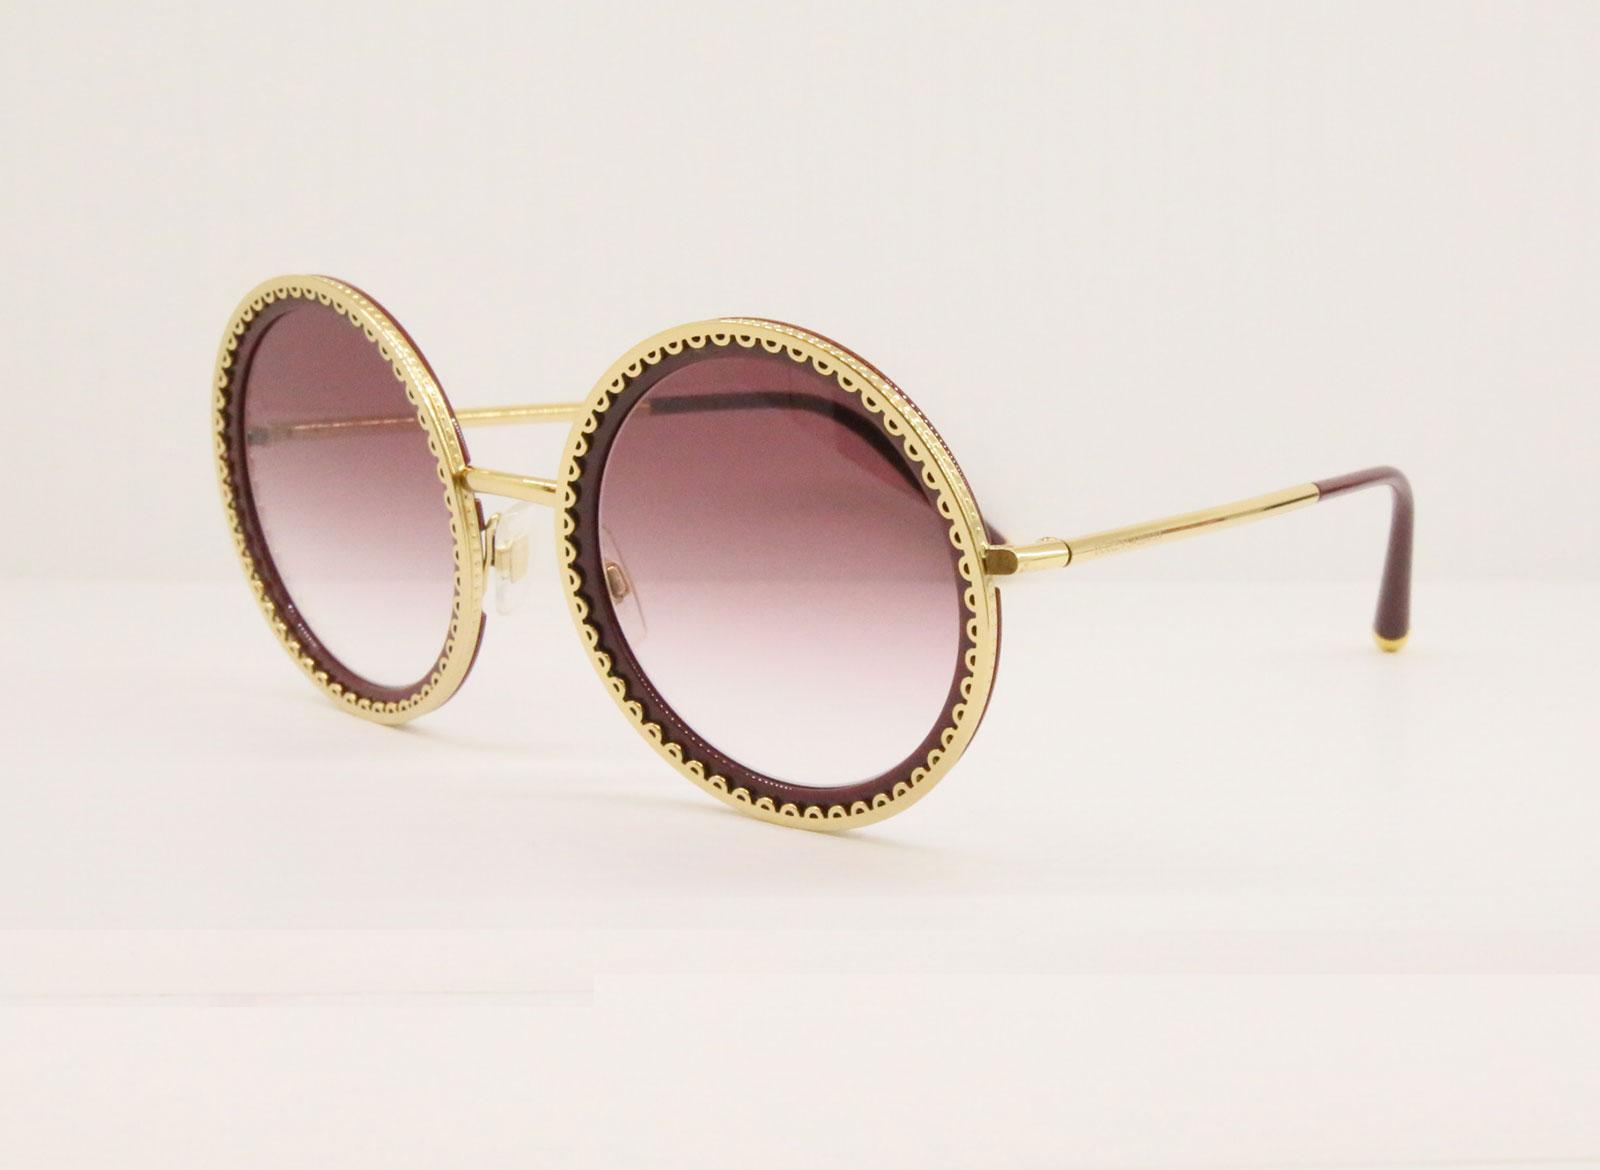 Occhiali da Sole Empoli, Vinci, Montelupo - Foto Ottica Baldinotti